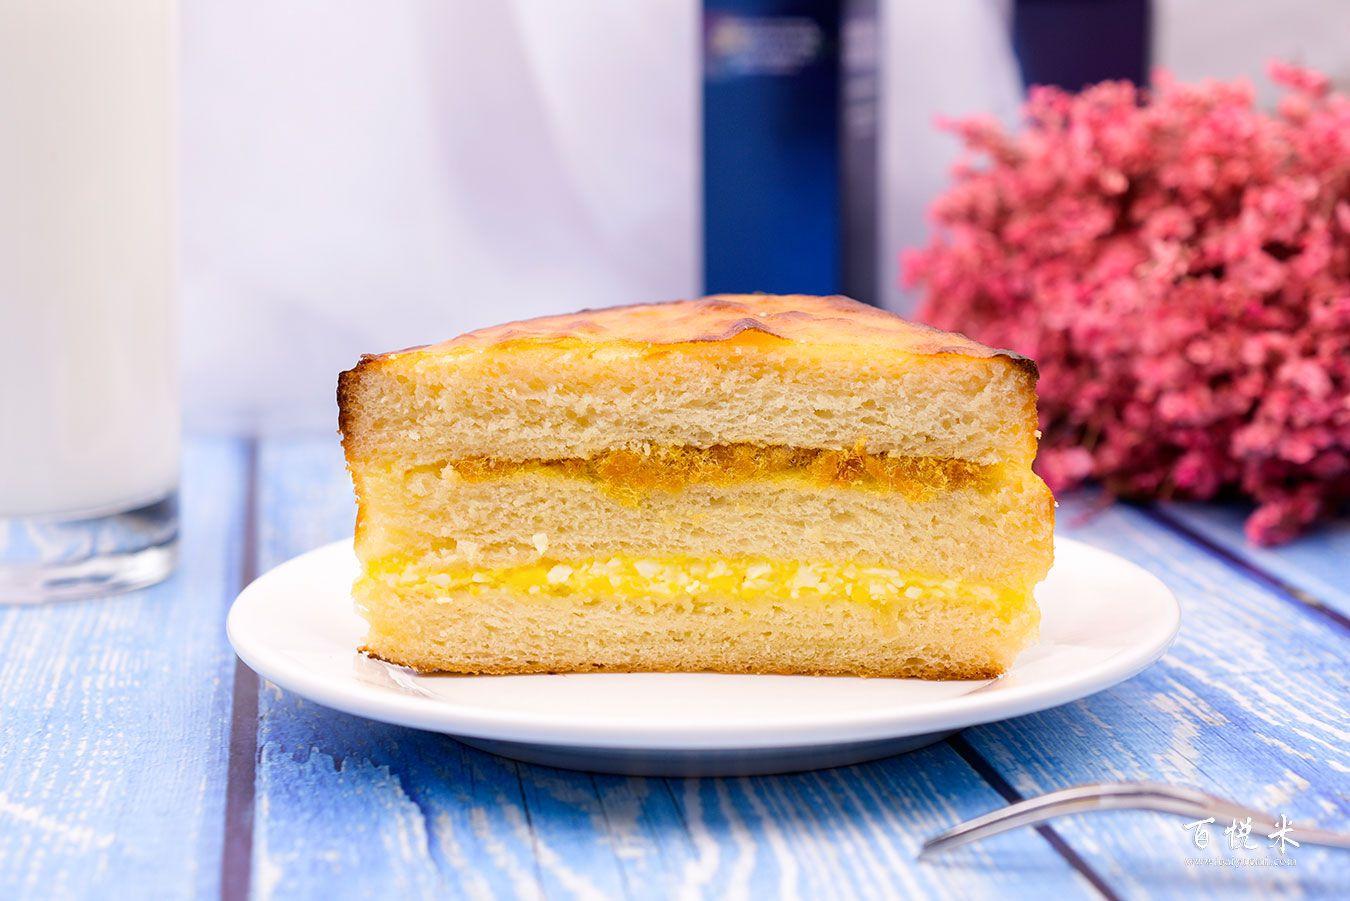 炭烧乳酪高清图片大全【蛋糕图片】_631